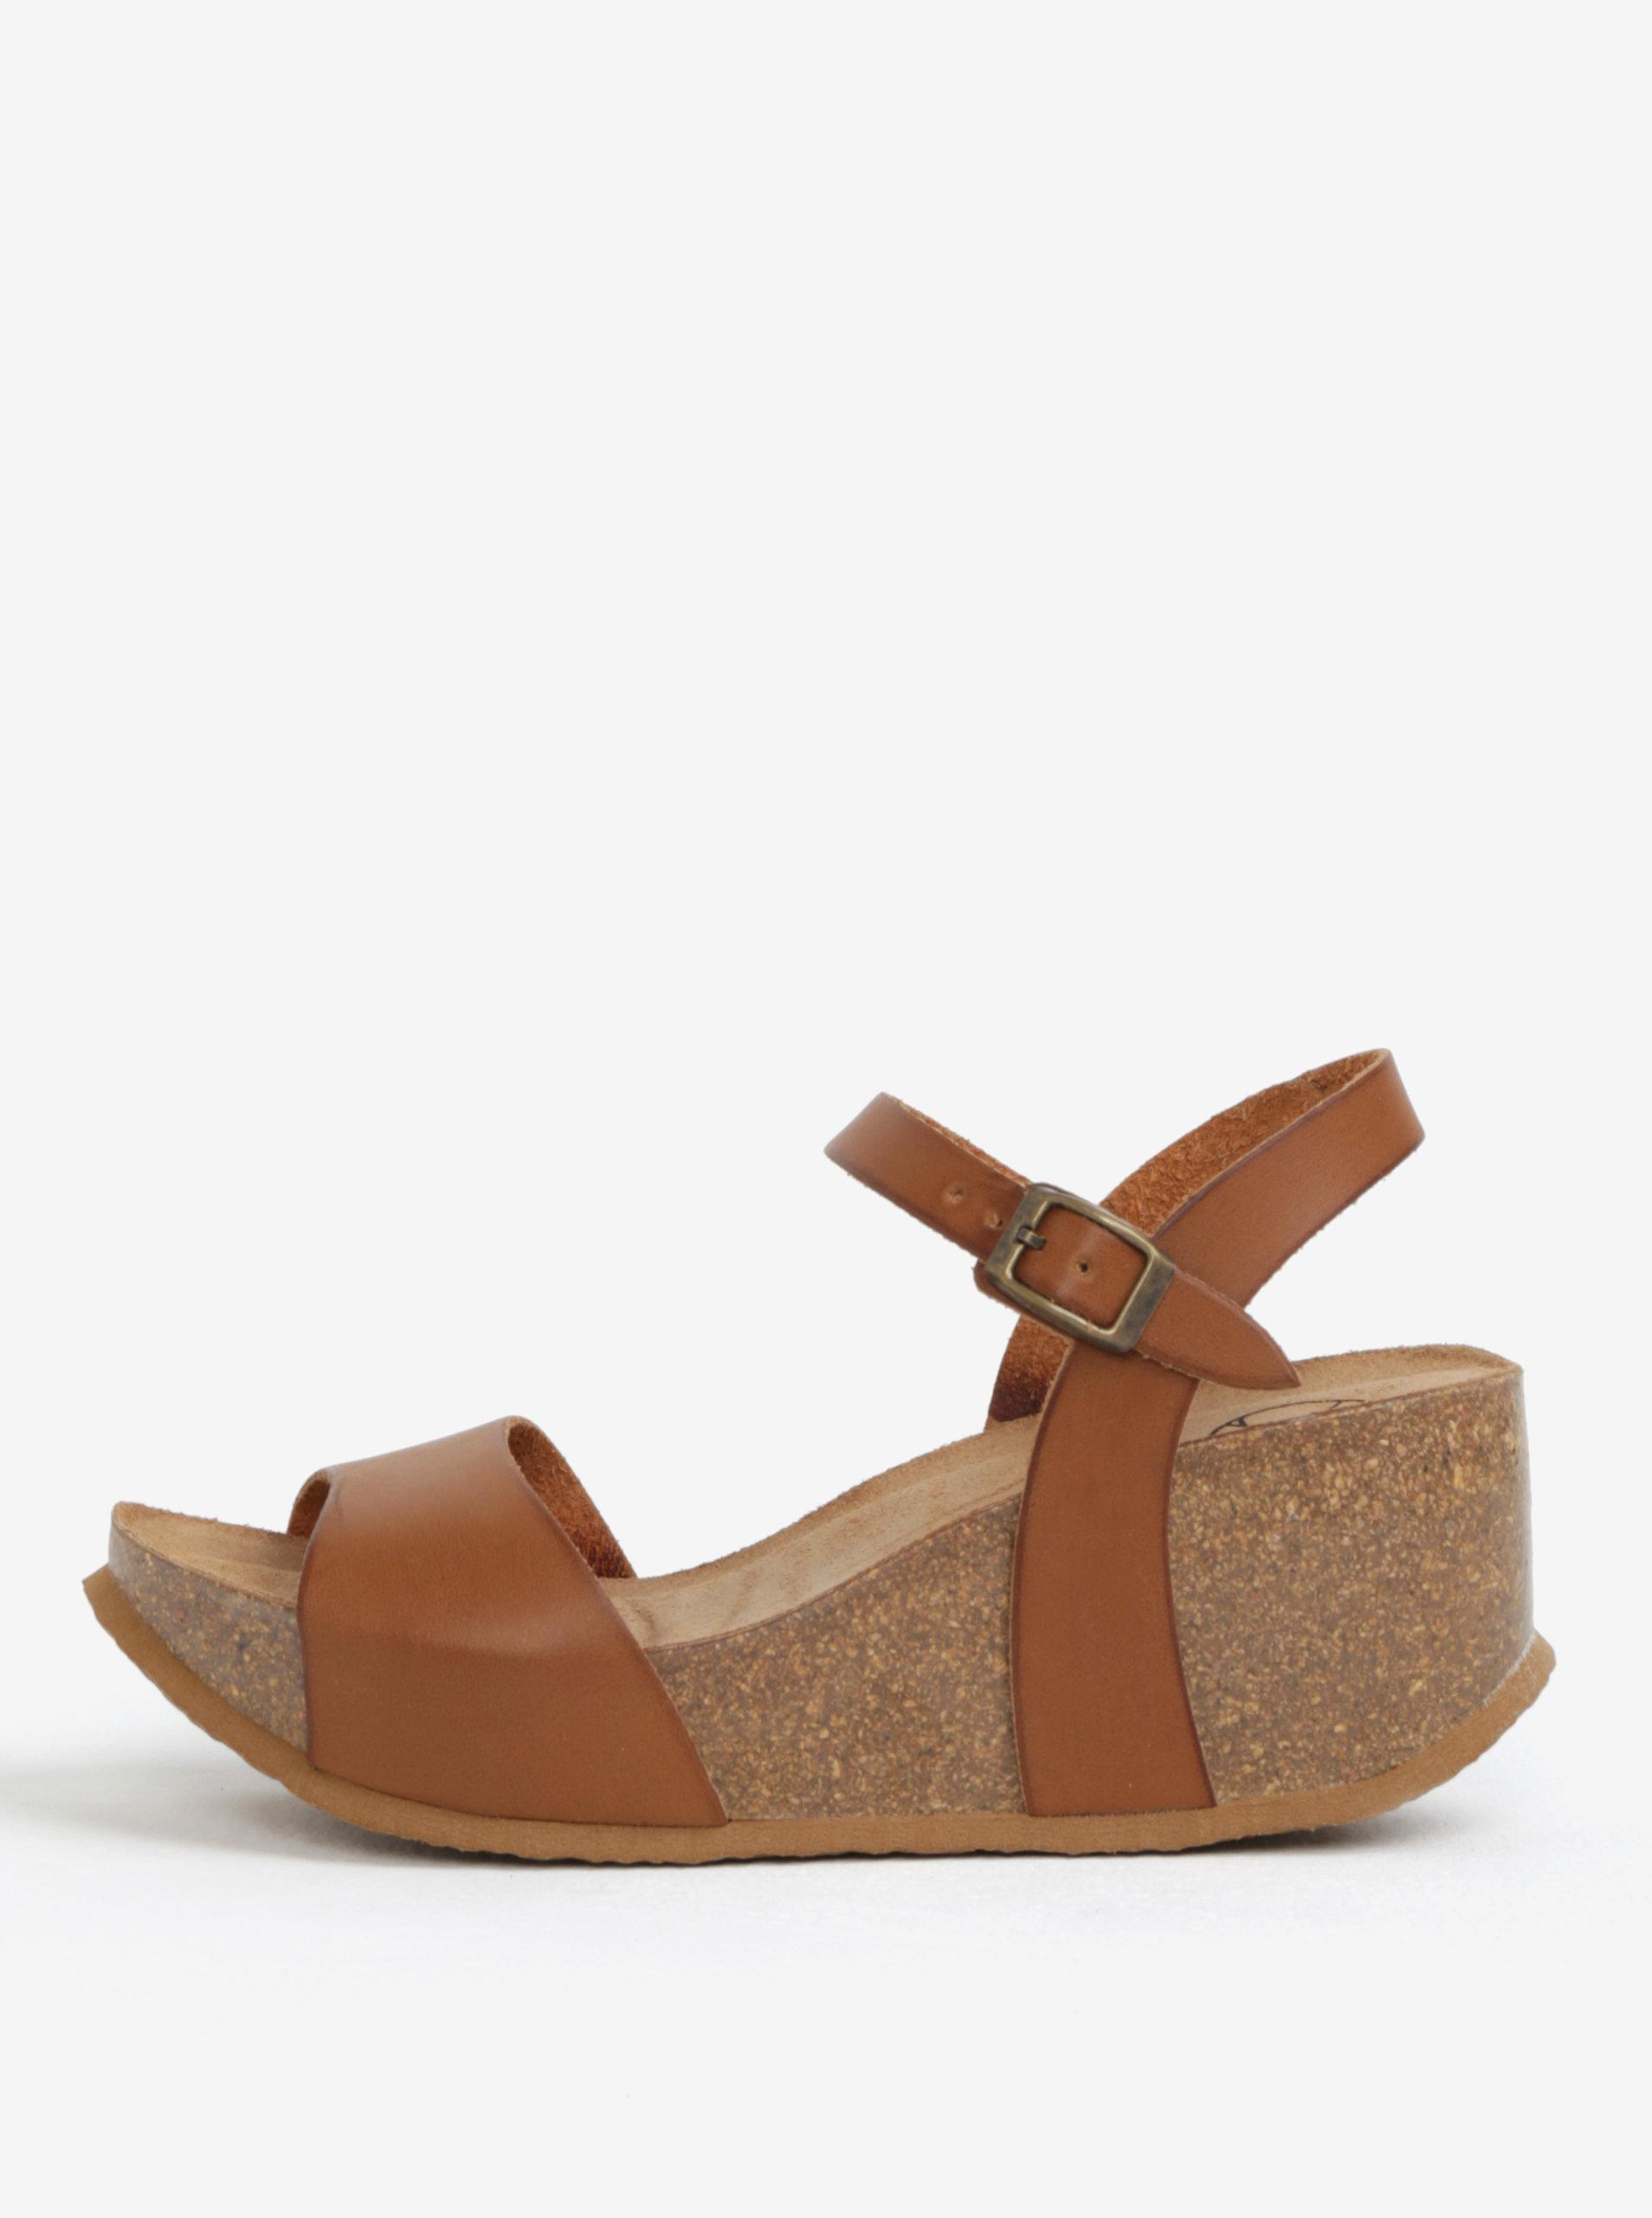 cec658ec6b48 Hnedé sandále na platforme OJJU ...